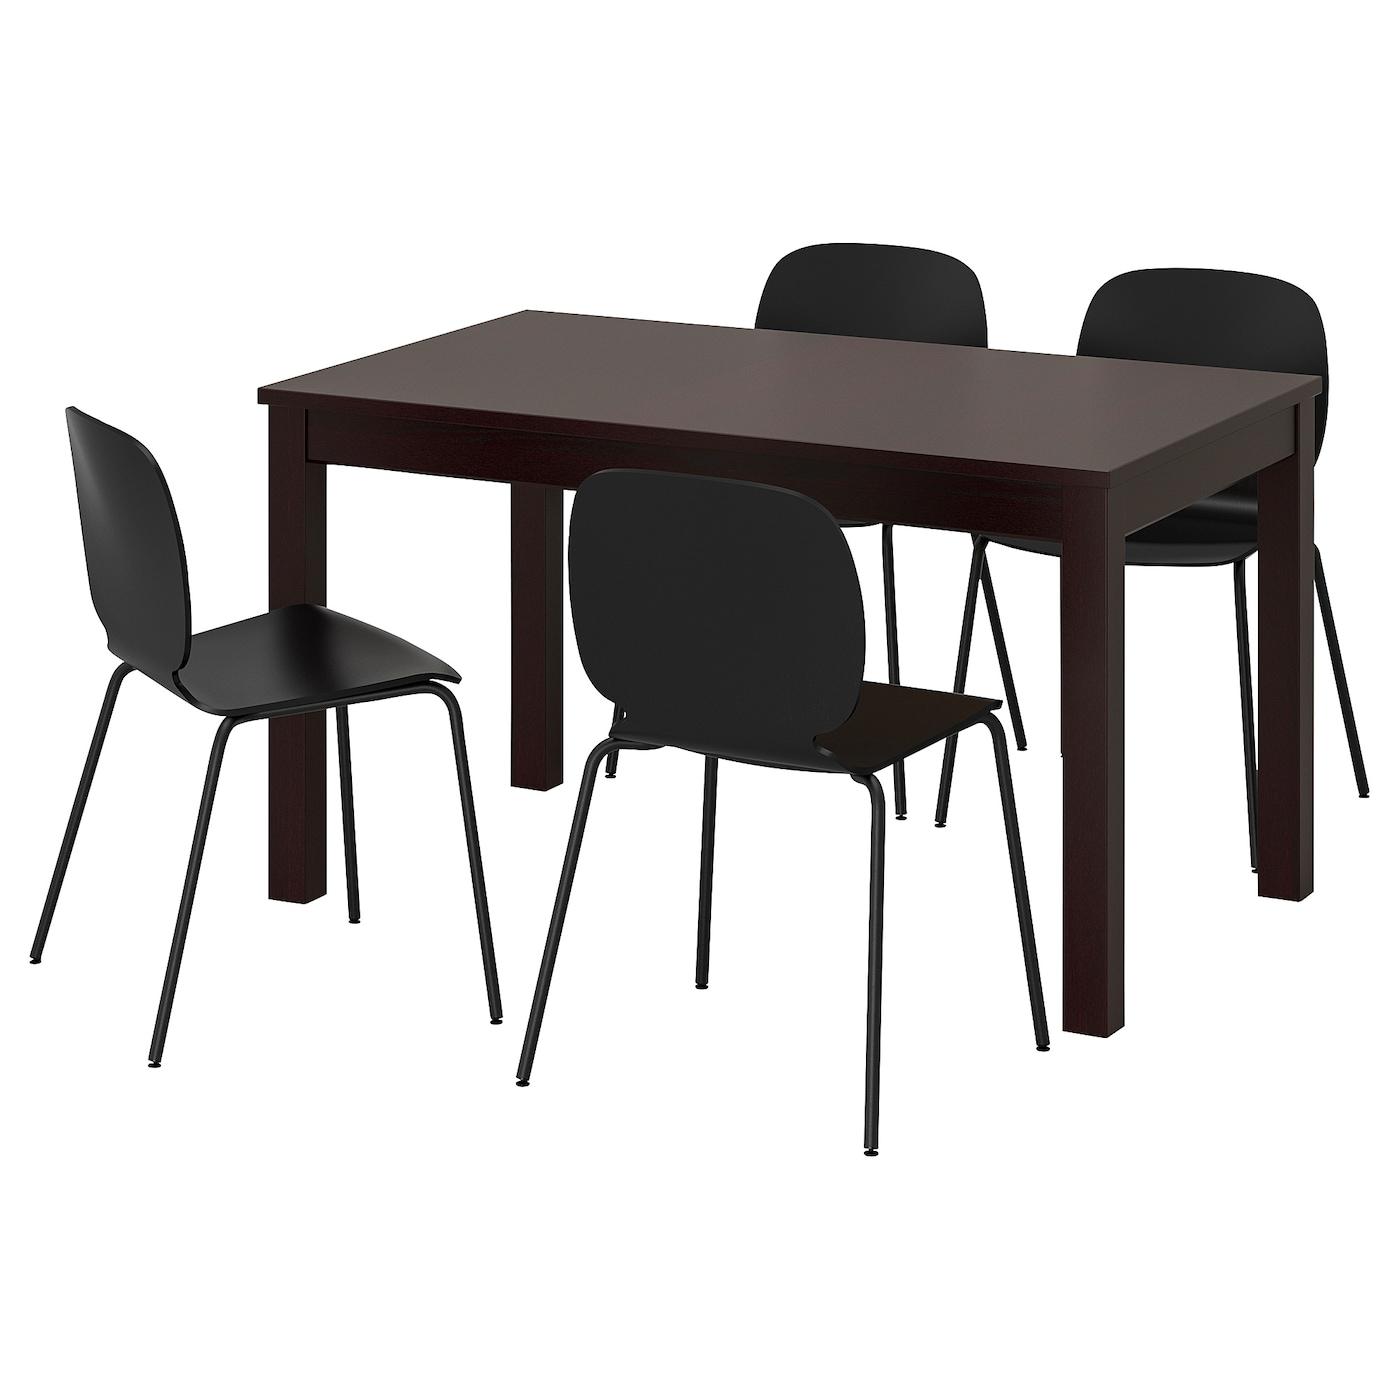 Eetkamersets voor max. 4 zitplaatsen IKEA